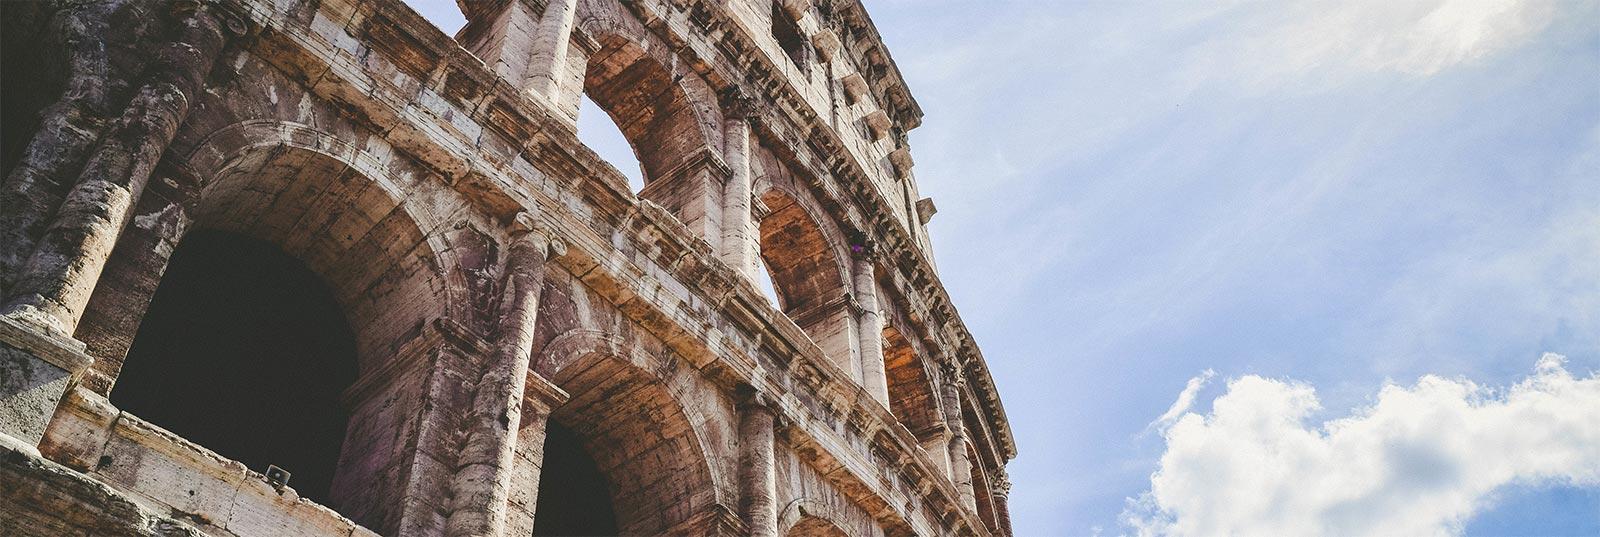 Guía turística de Rome